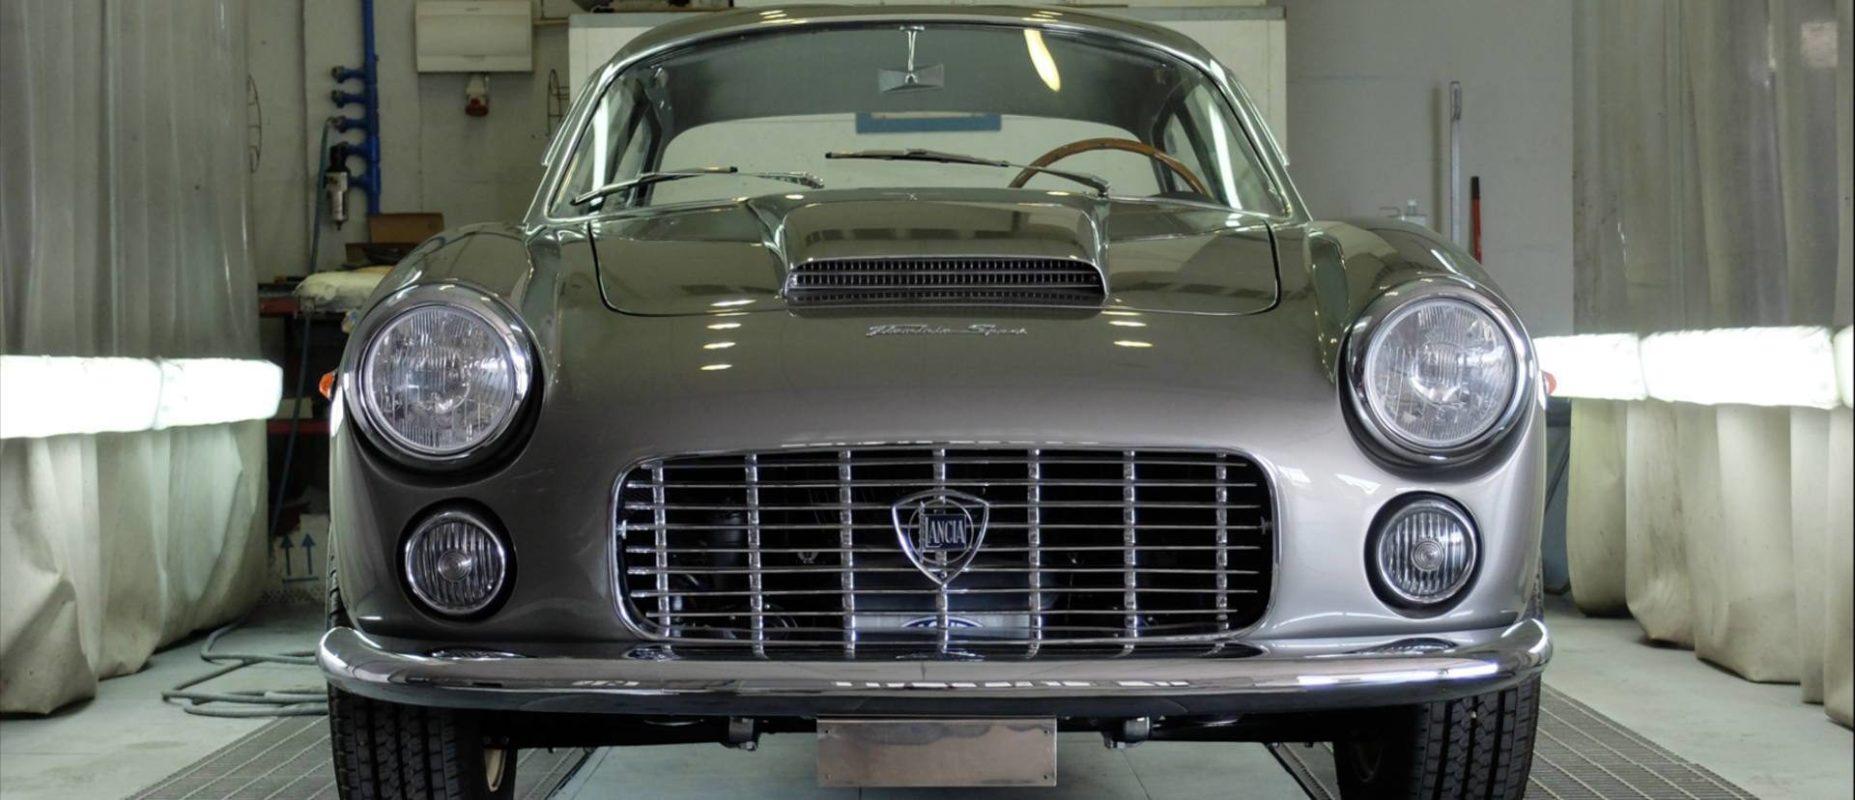 Venda e restauração de carros antigos